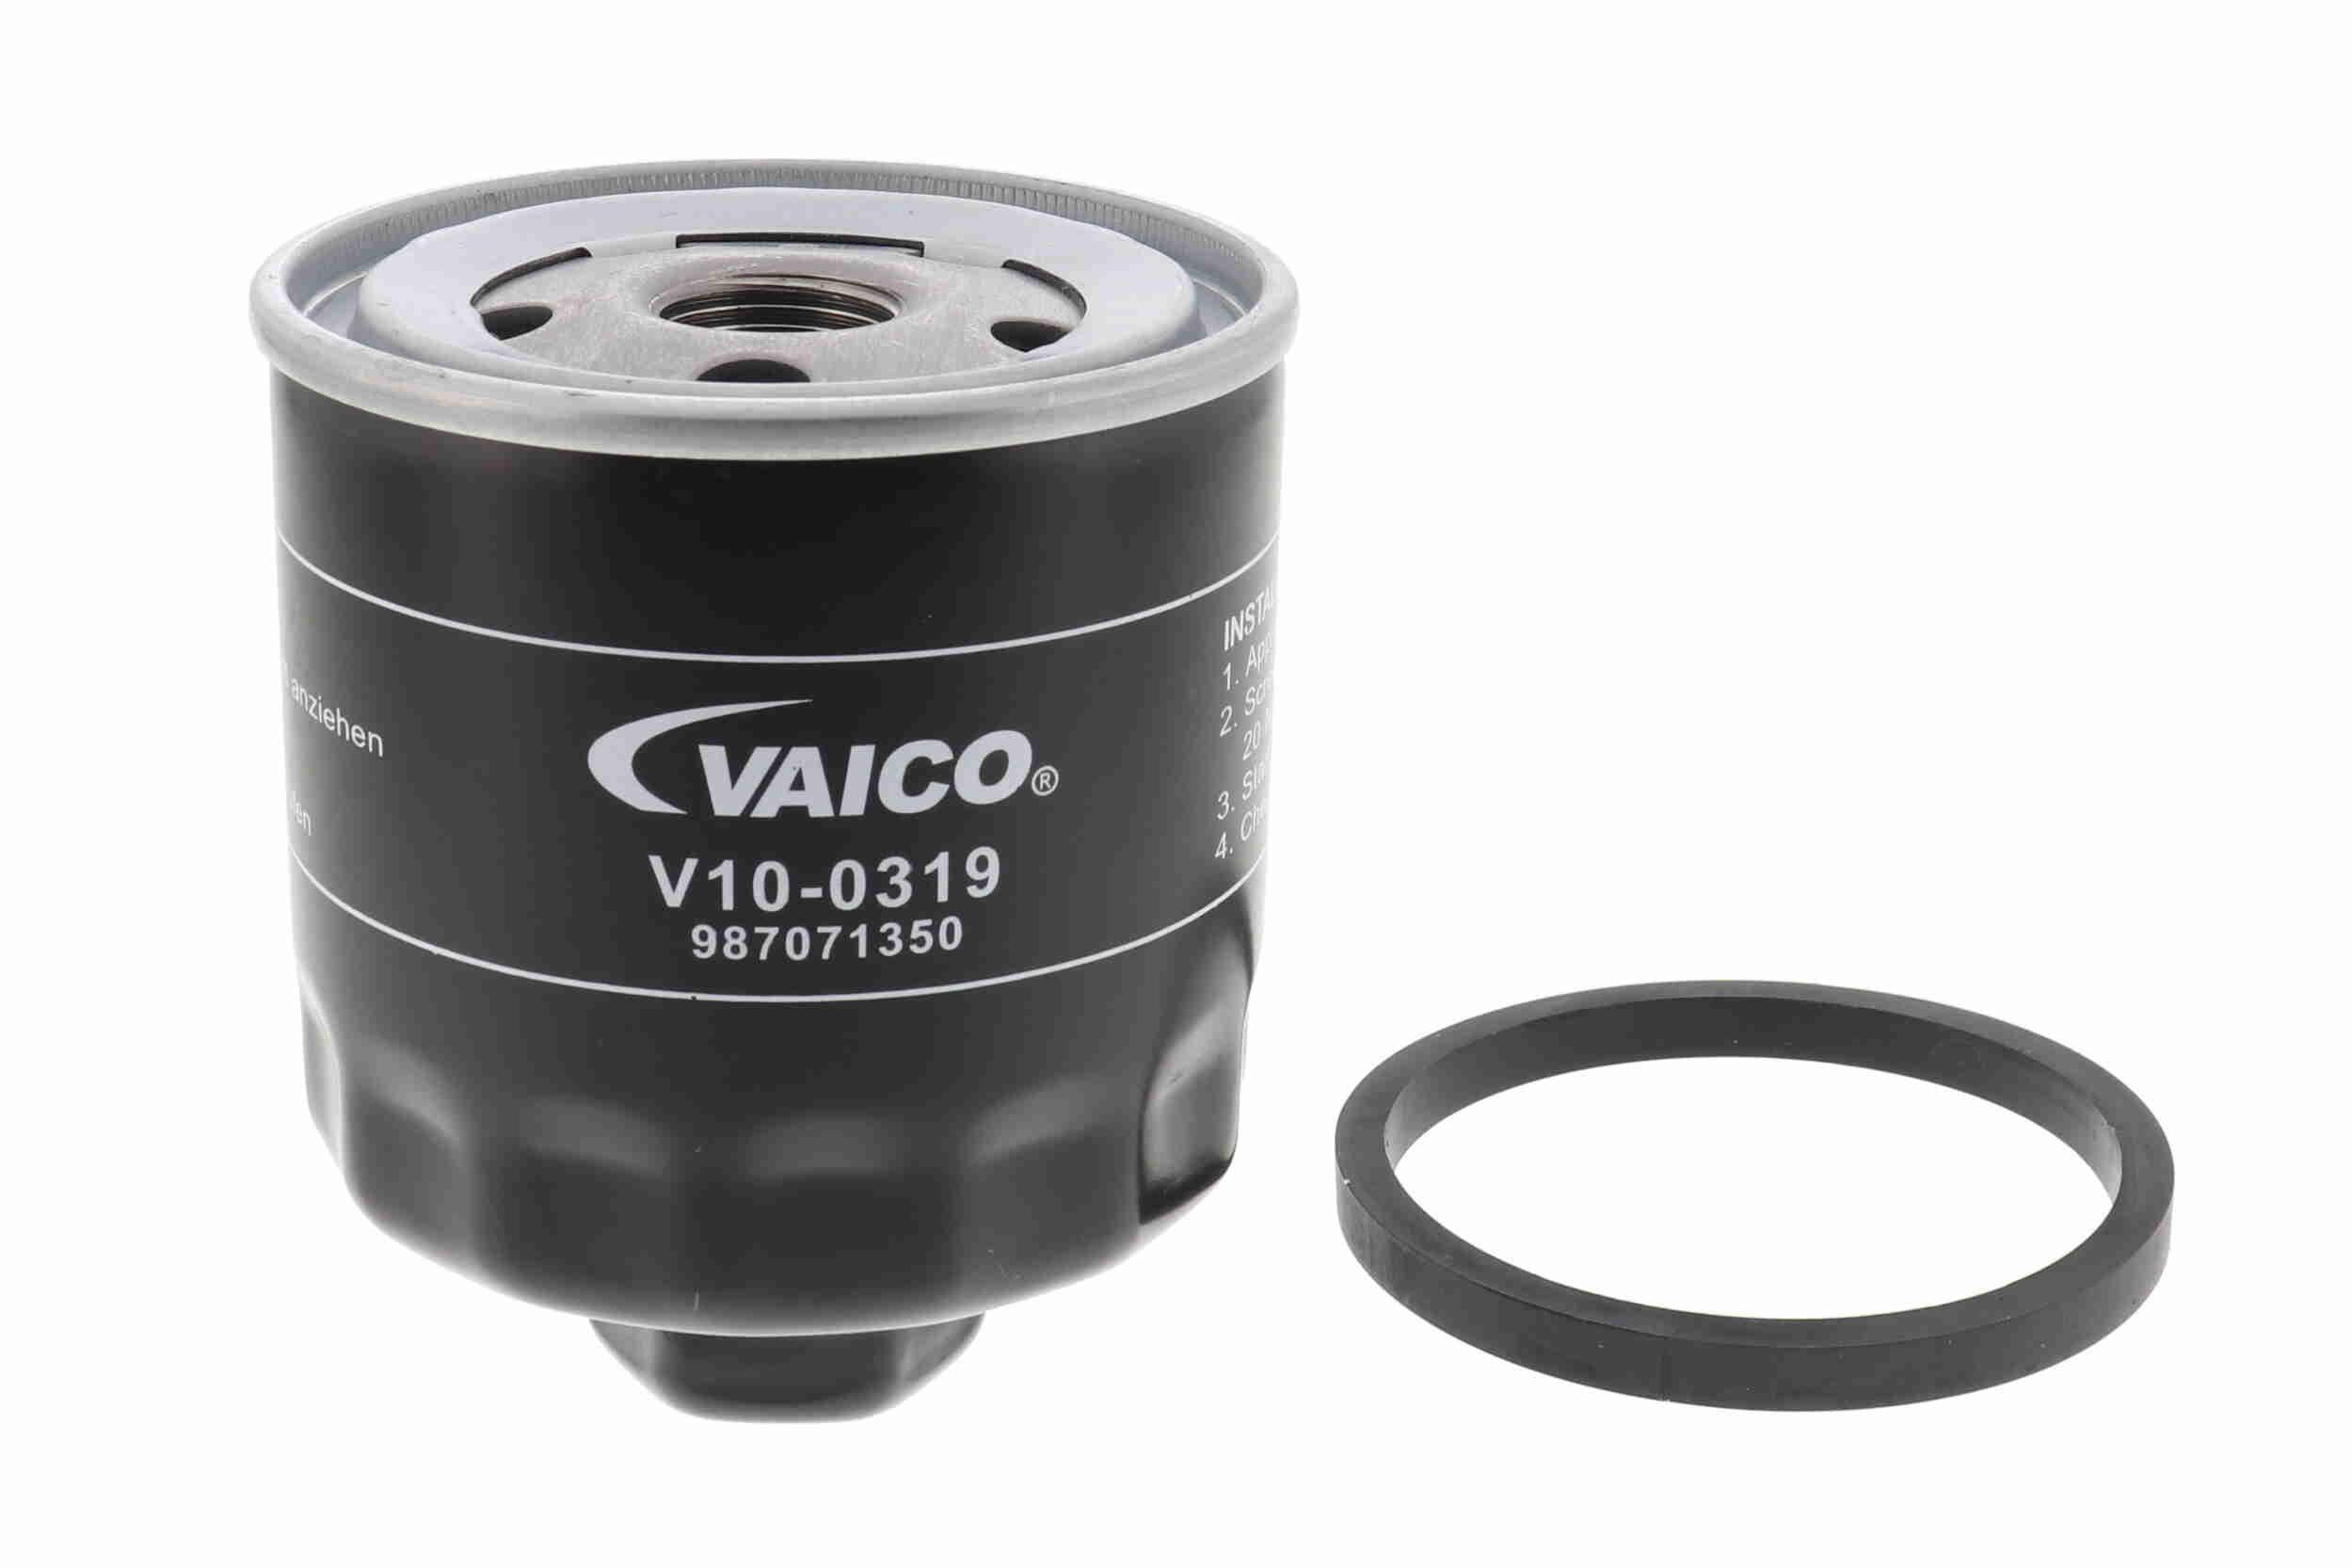 V10-0319 VAICO mit 29% Rabatt!